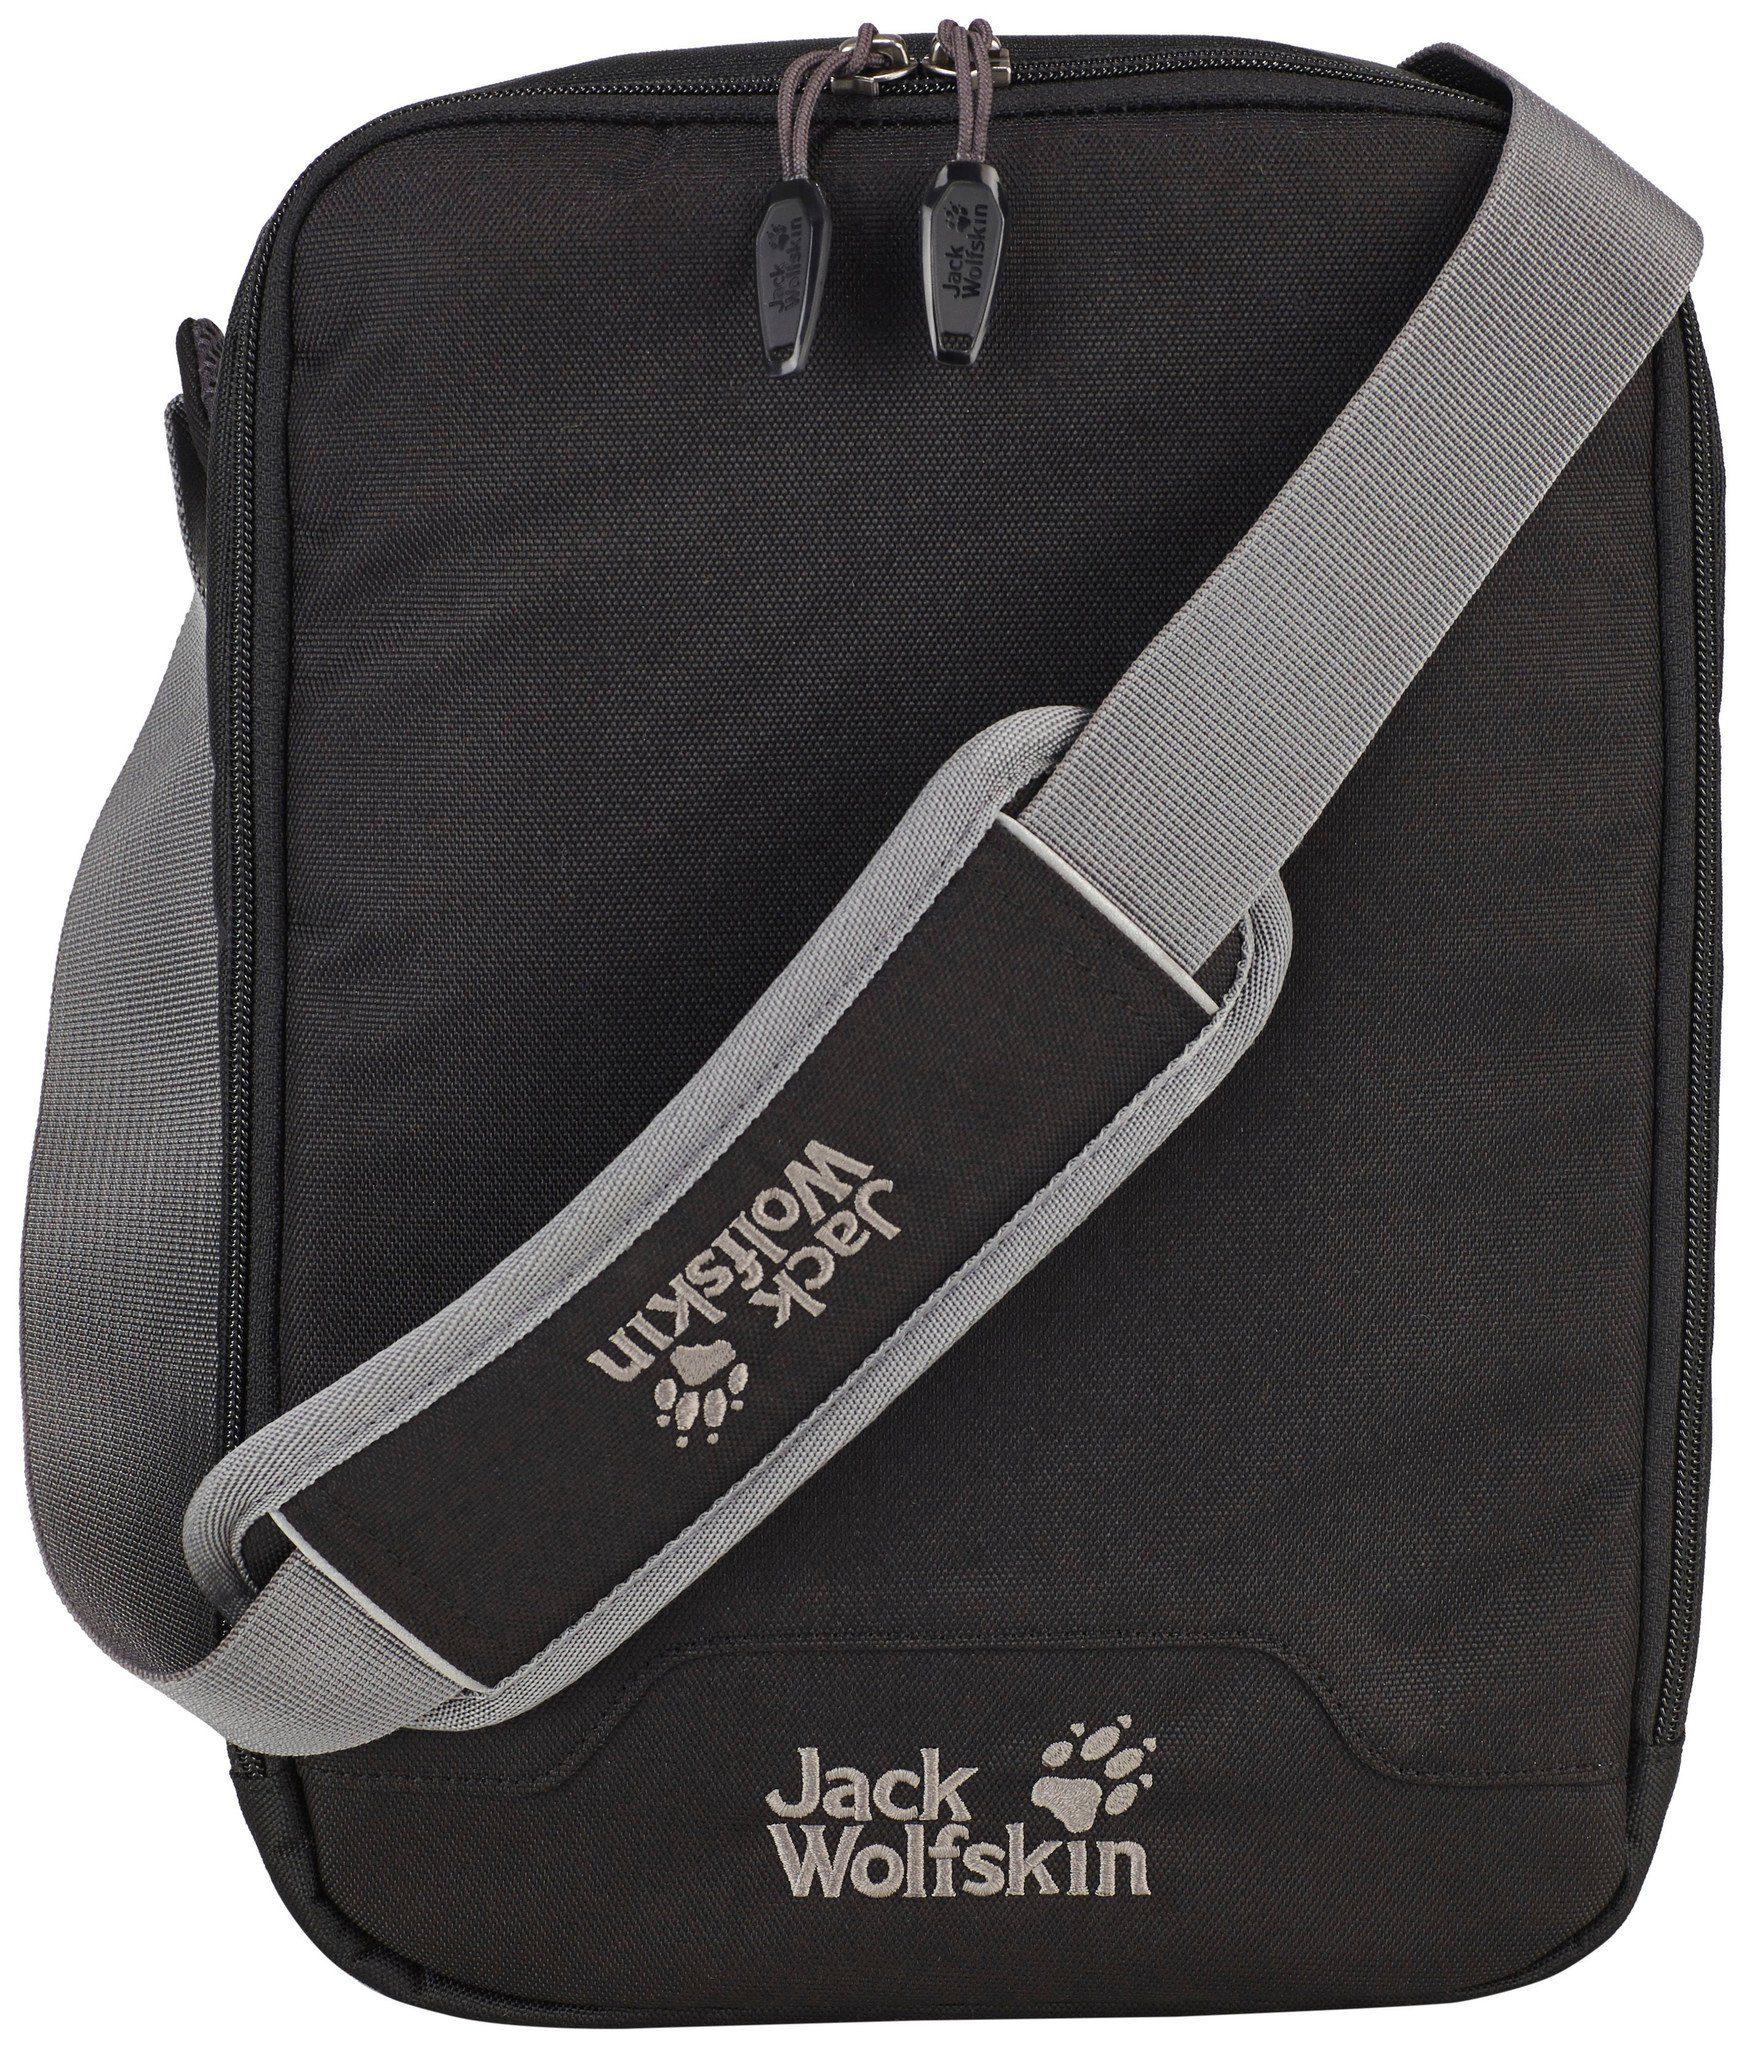 Jack Wolfskin Sport- und Freizeittasche »Jack Wolfskin Gadgetary Shoulder Bag«